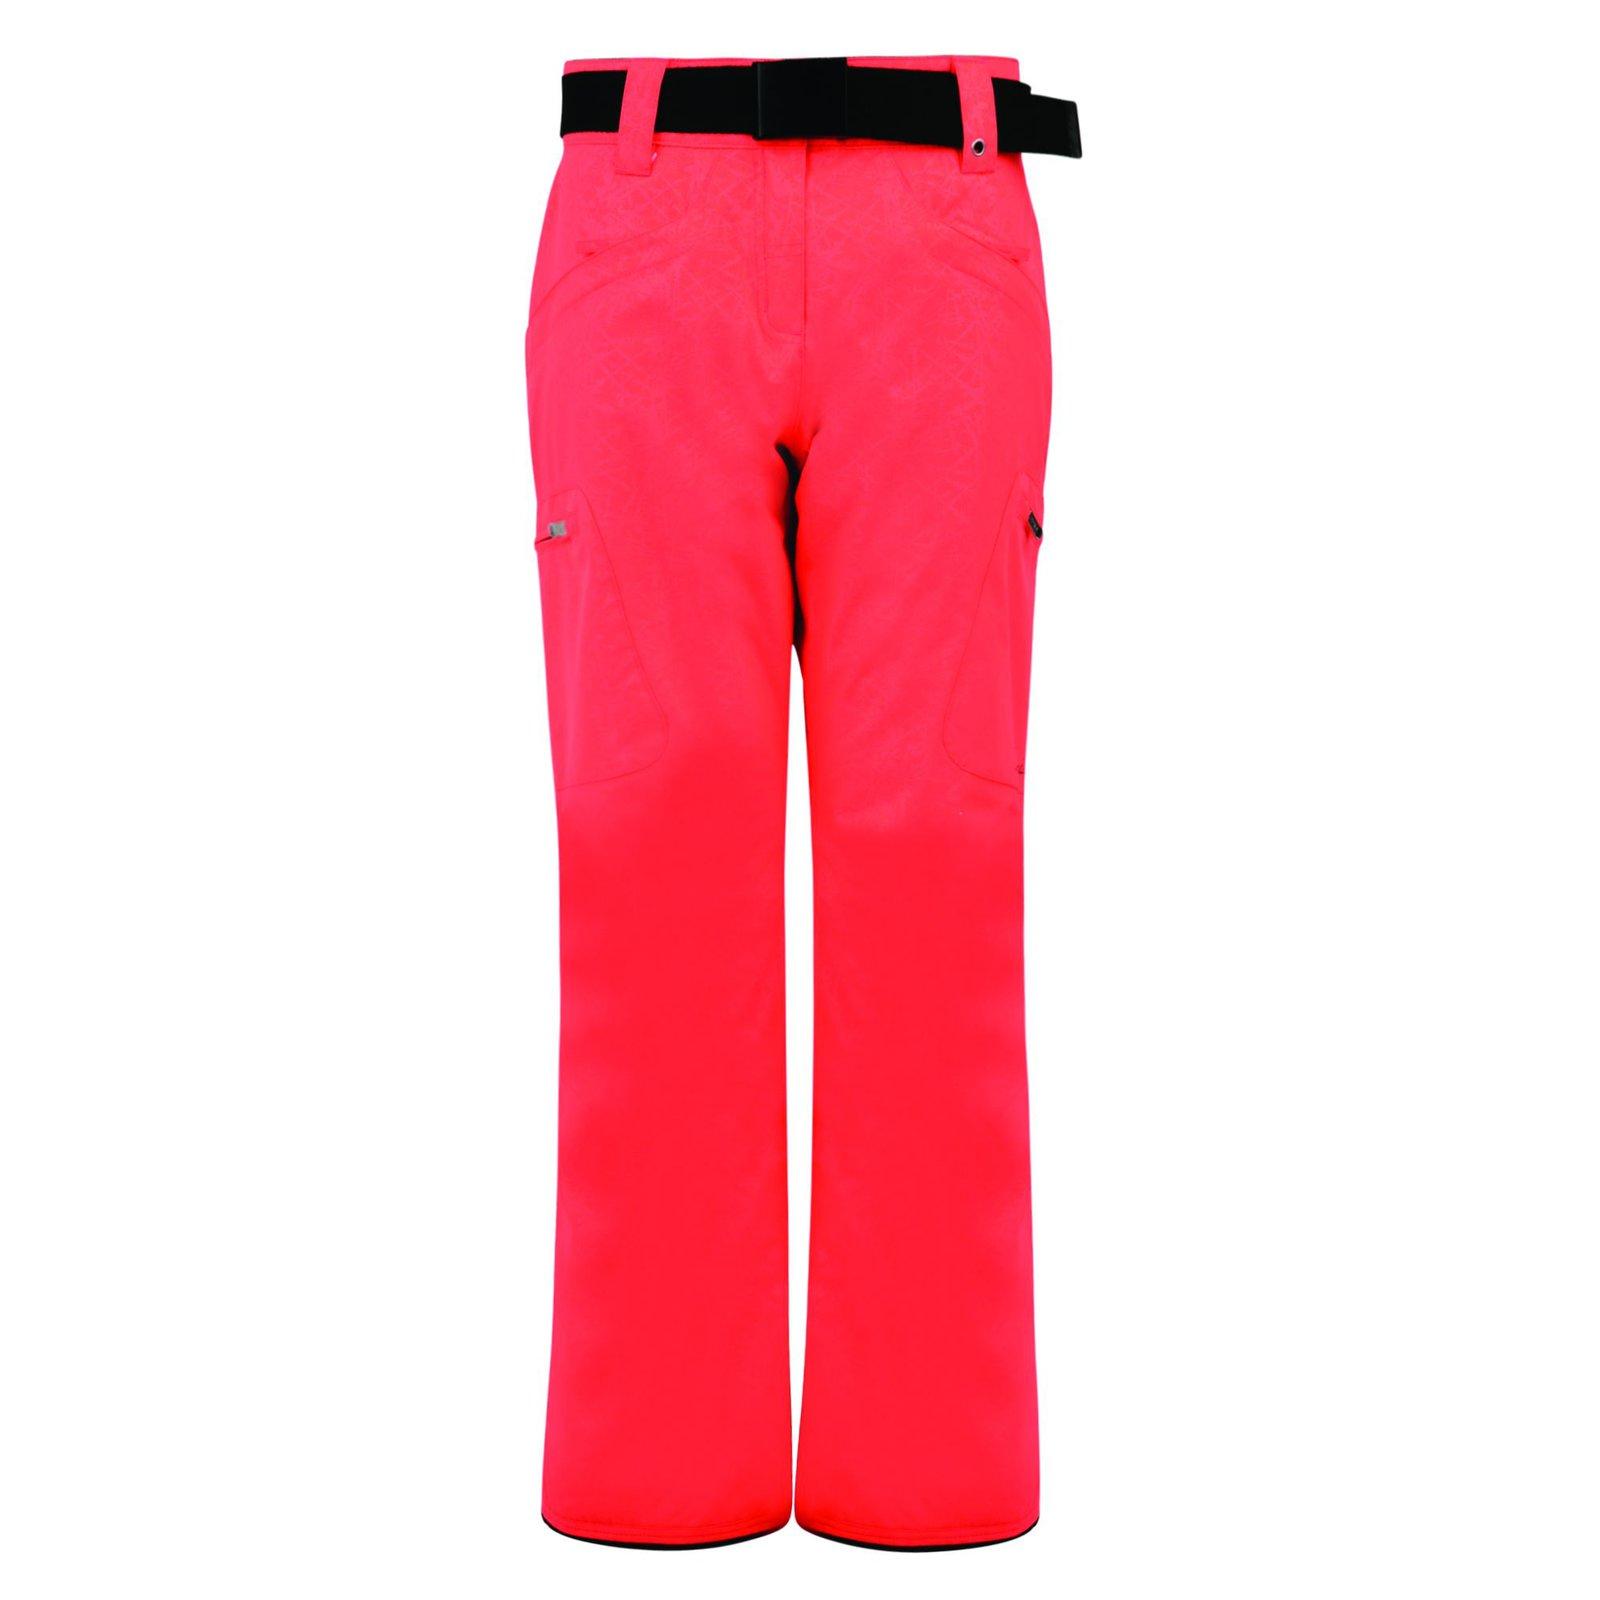 Lyžařské kalhoty DARE 2B FREE SCOPE  e35f3d0507